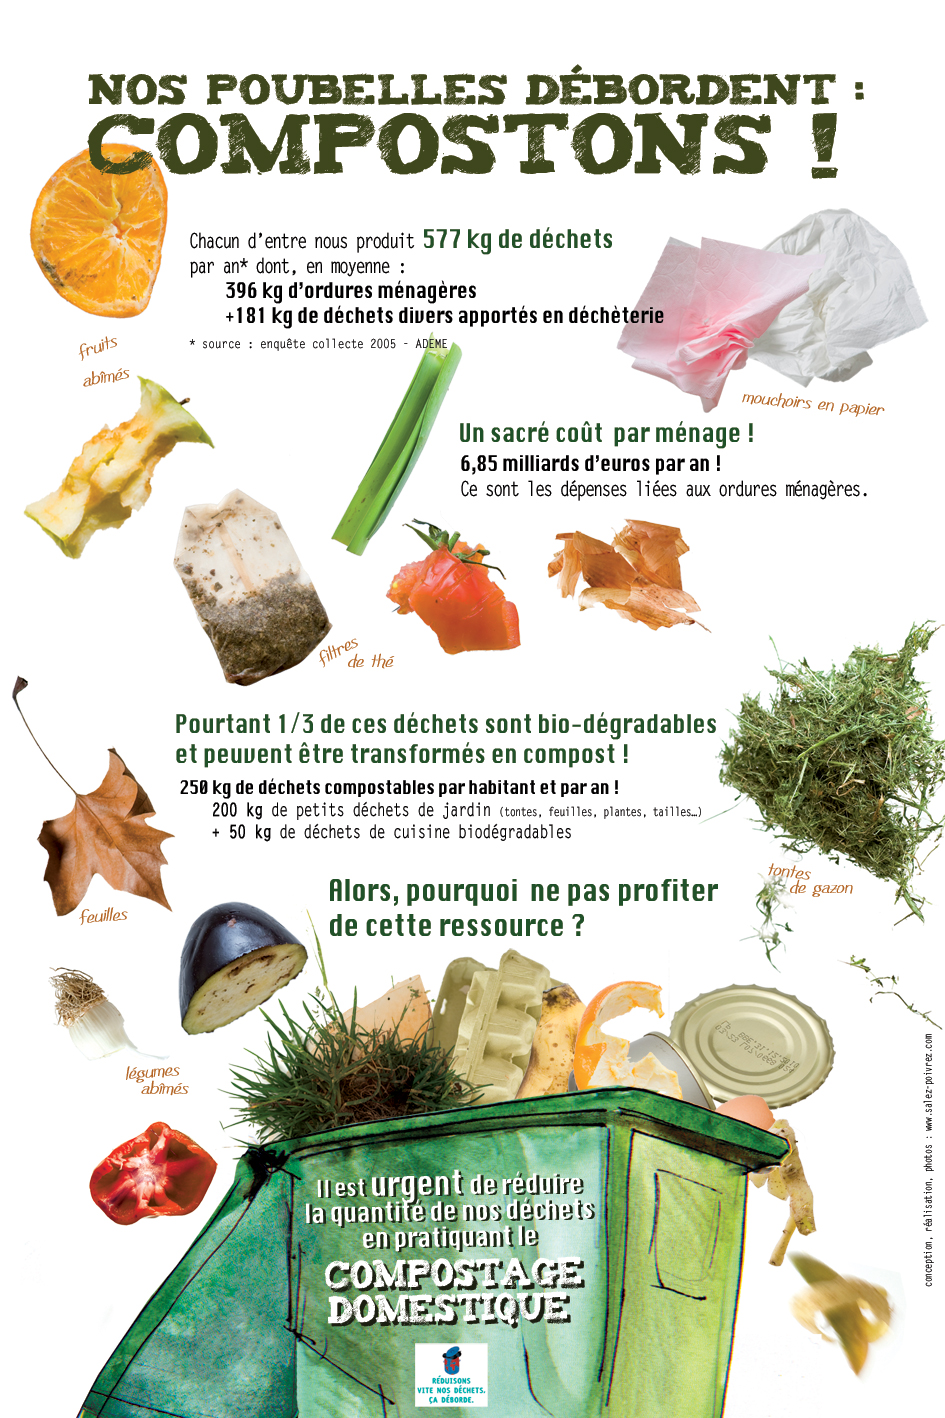 Jardineurs du 117 bizot compost - Quand mettre du composte dans le jardin ...